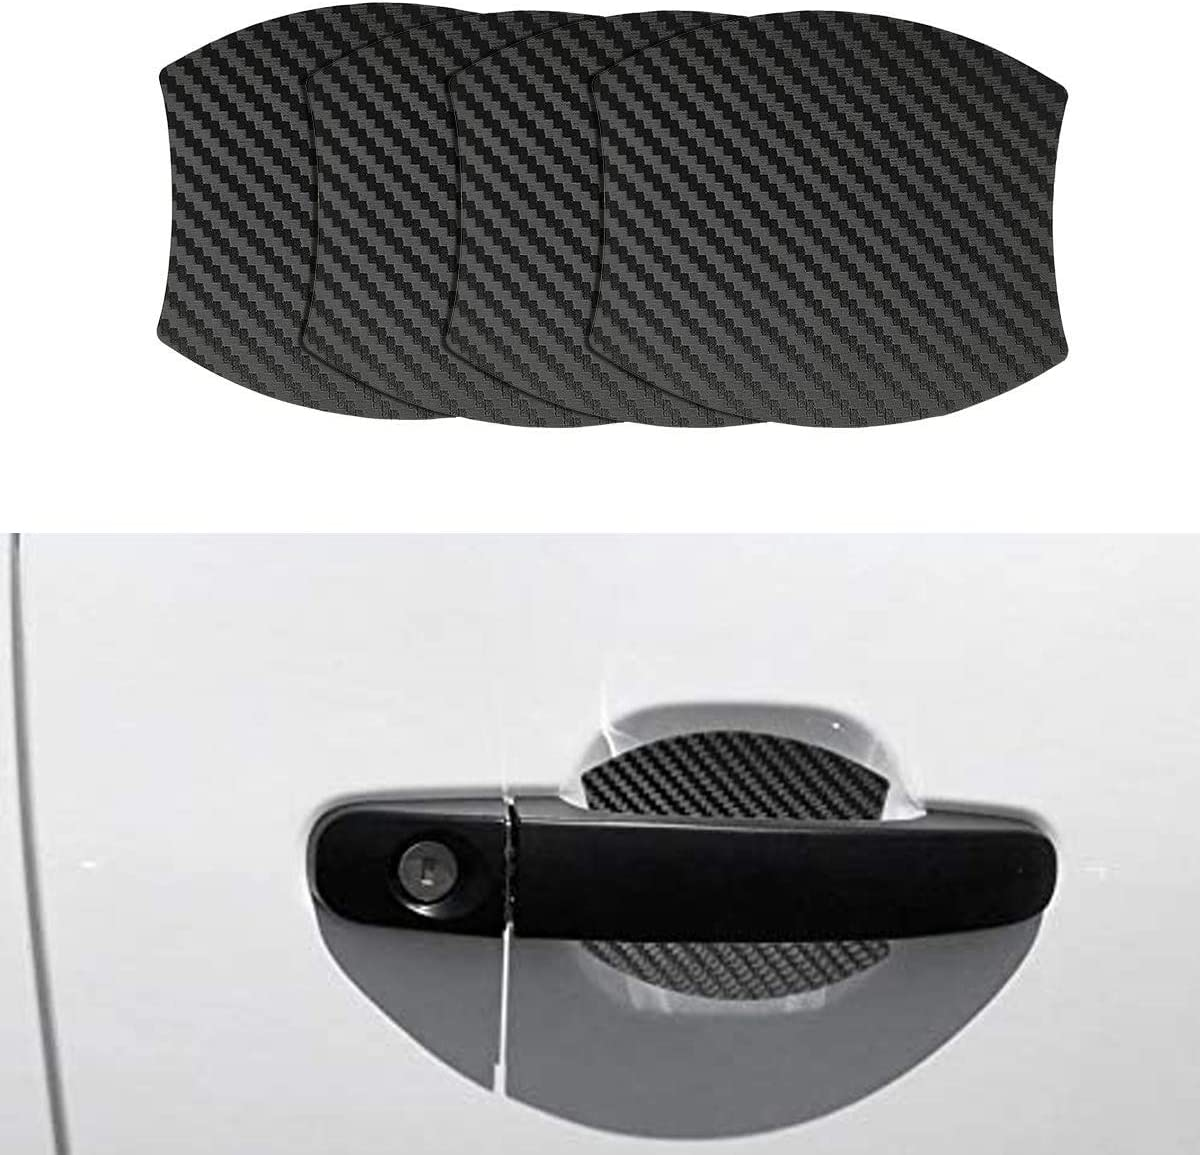 Mling Magnetisch Türgriffmulde Schutz Kratzfest Türgriffmulde Lackschutz 4 Stück Kompatibel Für Ranger Auto